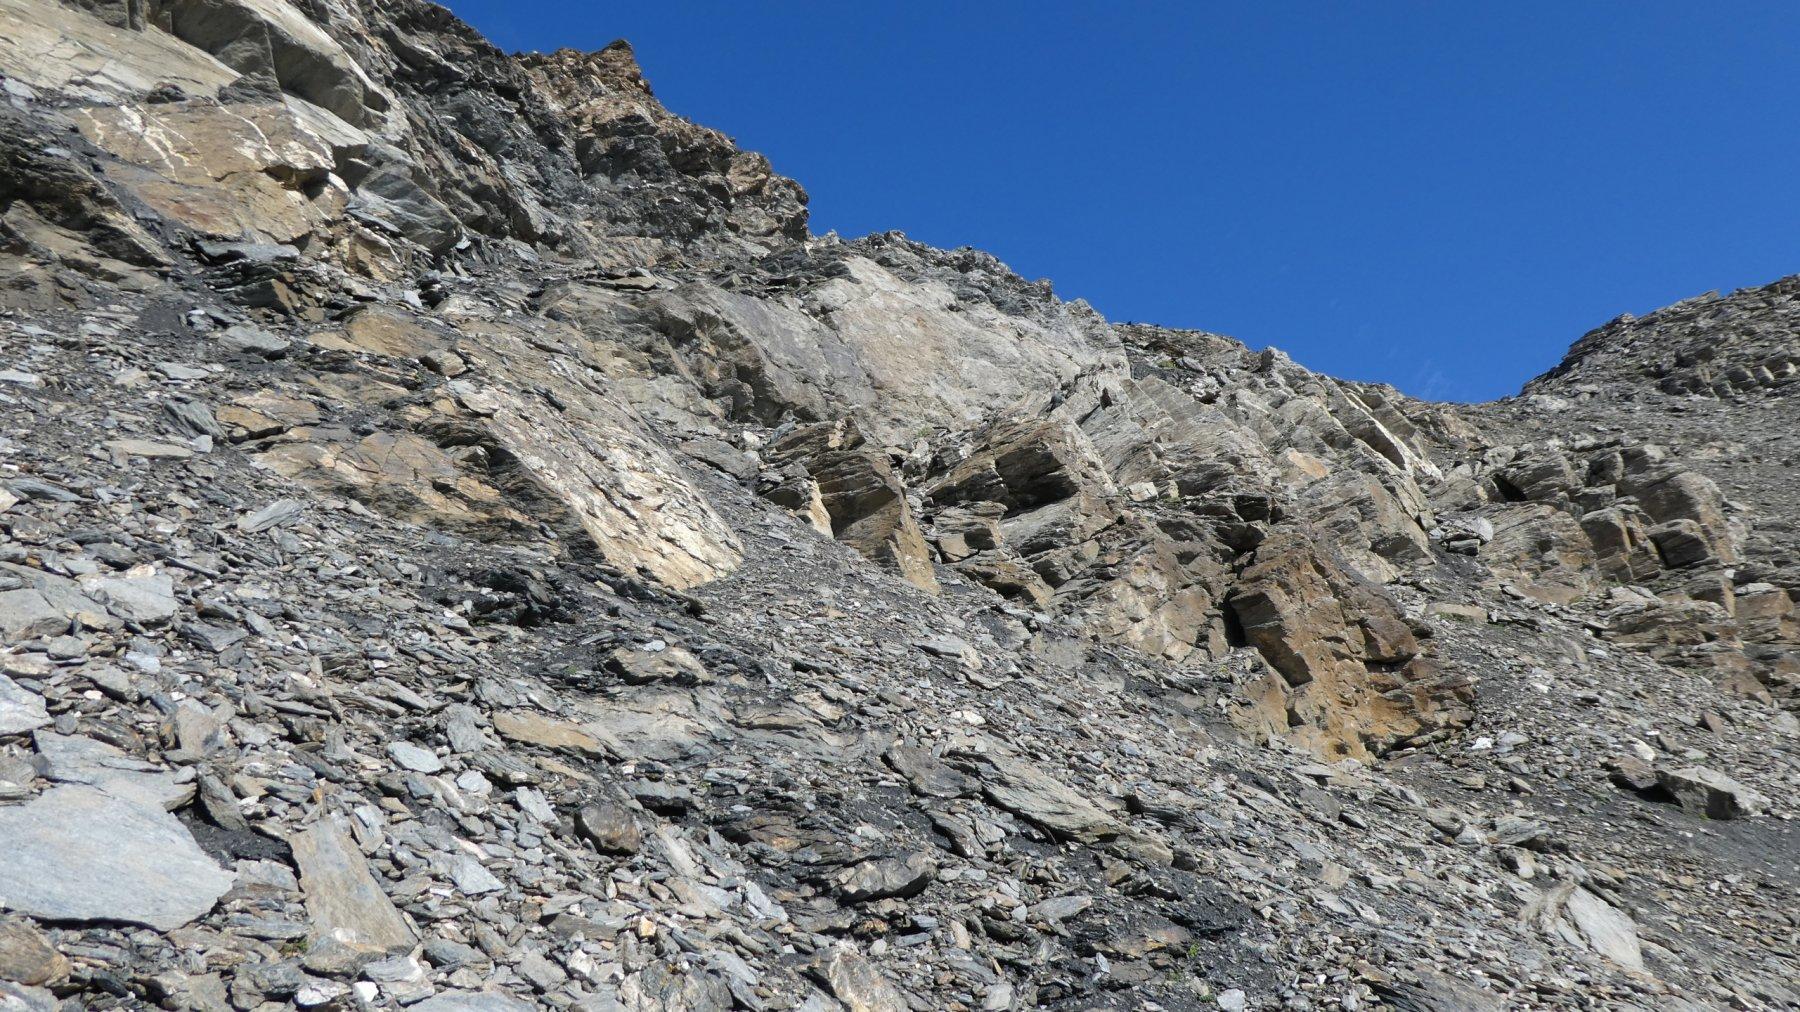 le roccette finali che portano al Col de Calabourdane